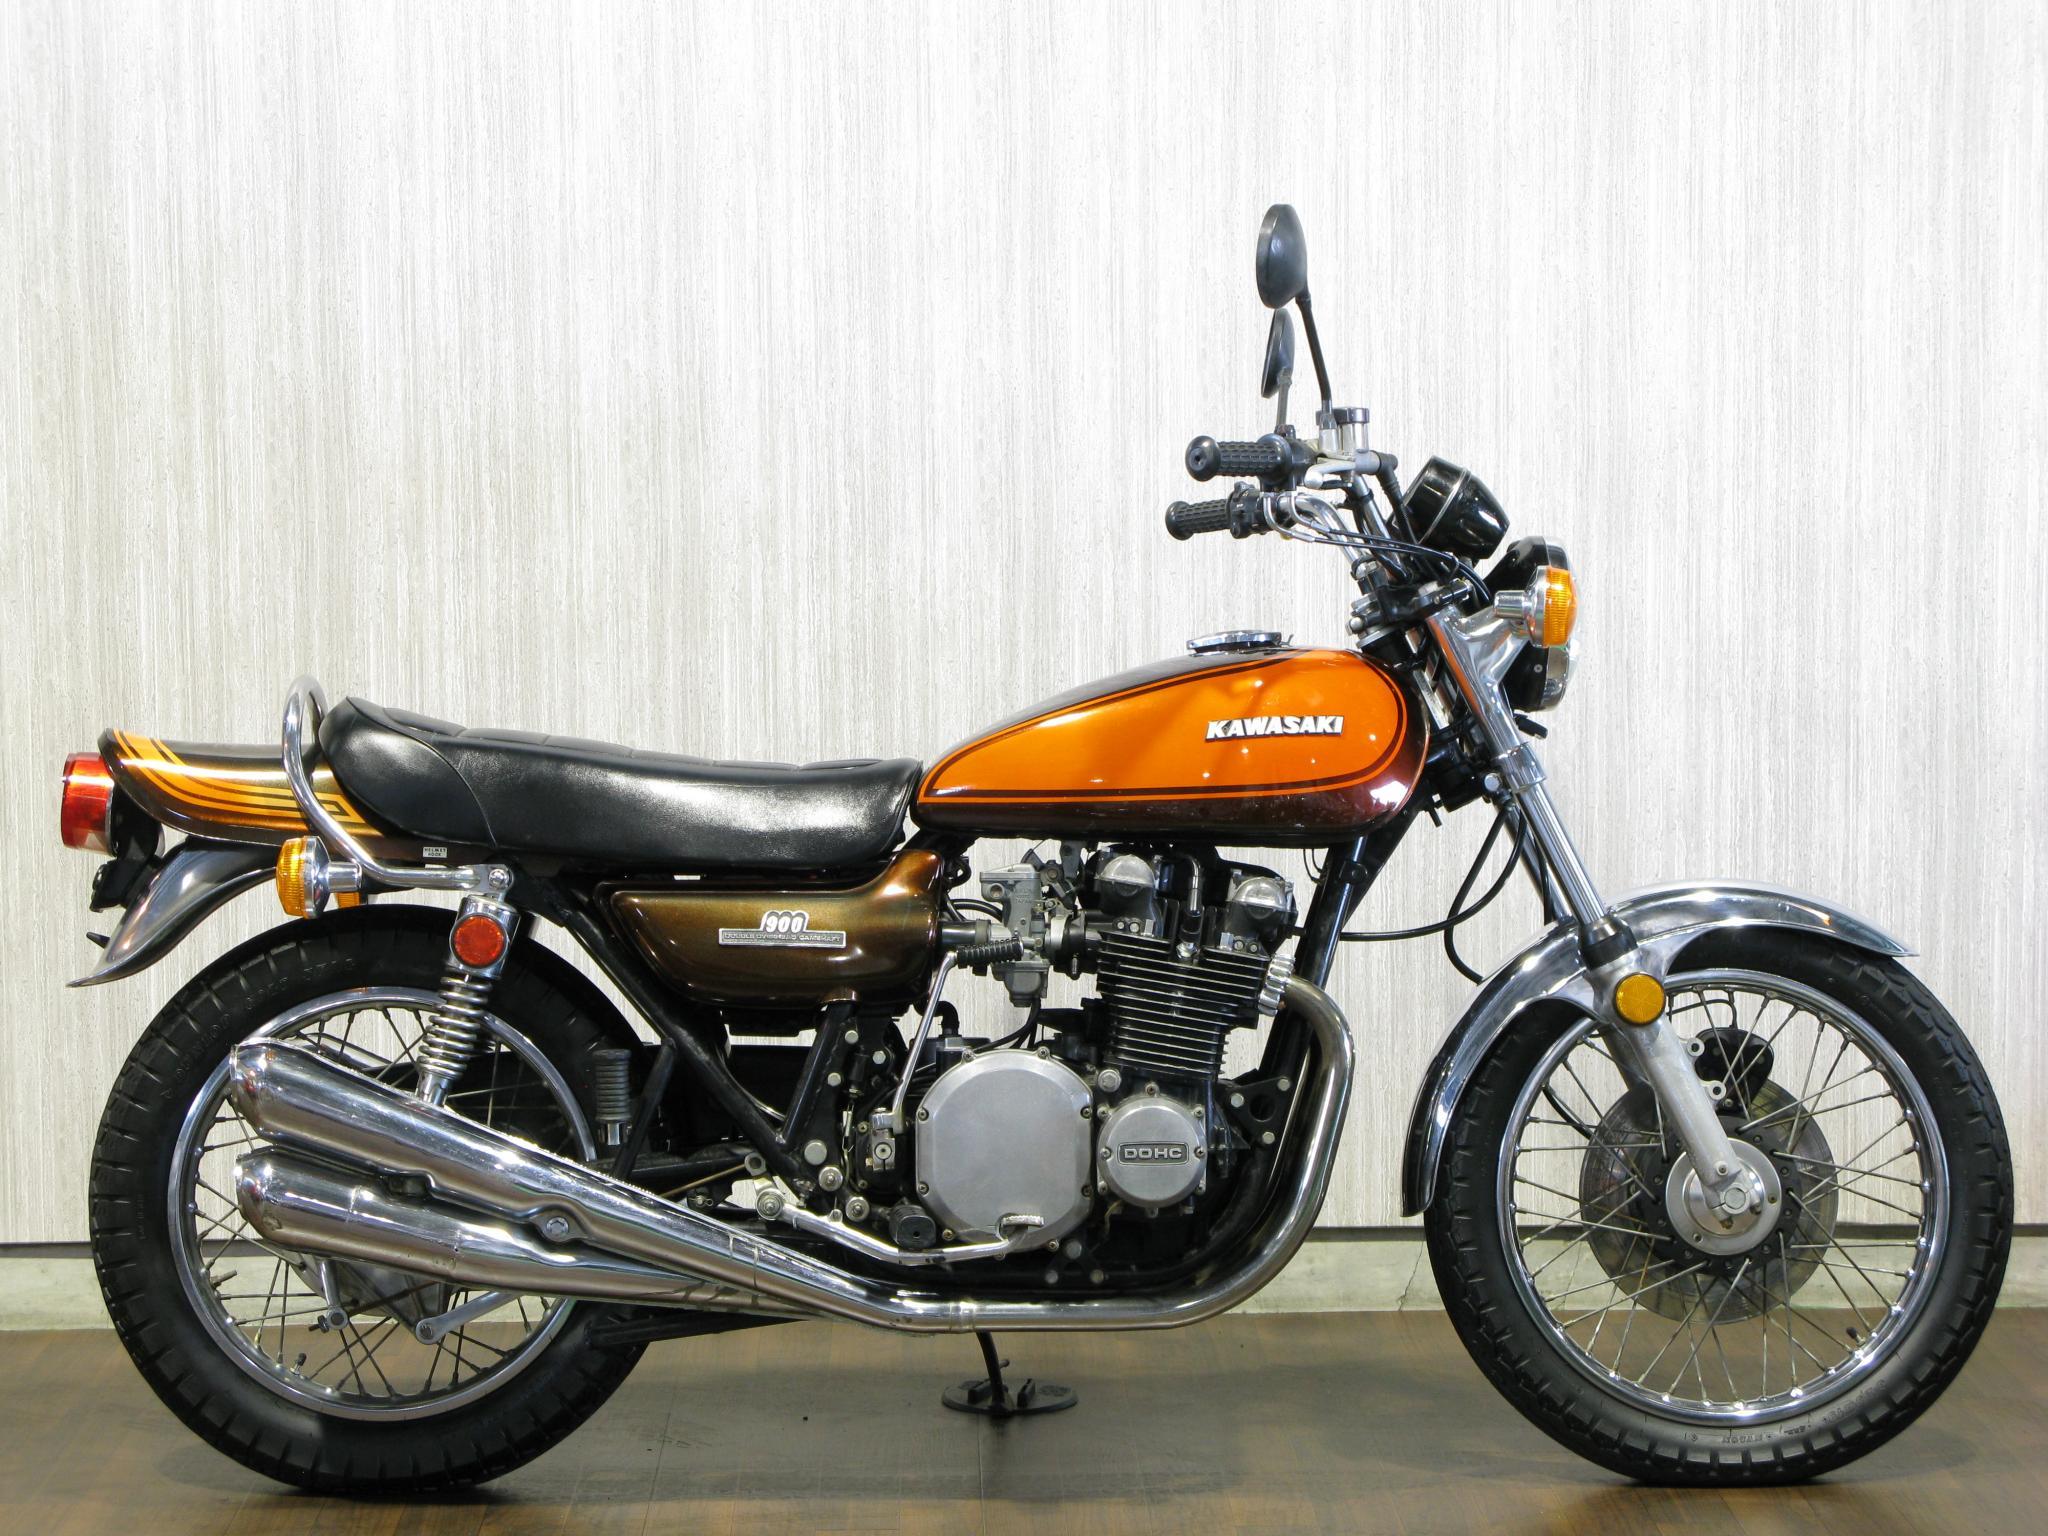 カワサキ 1973 Kawasaki Z1 車体写真1